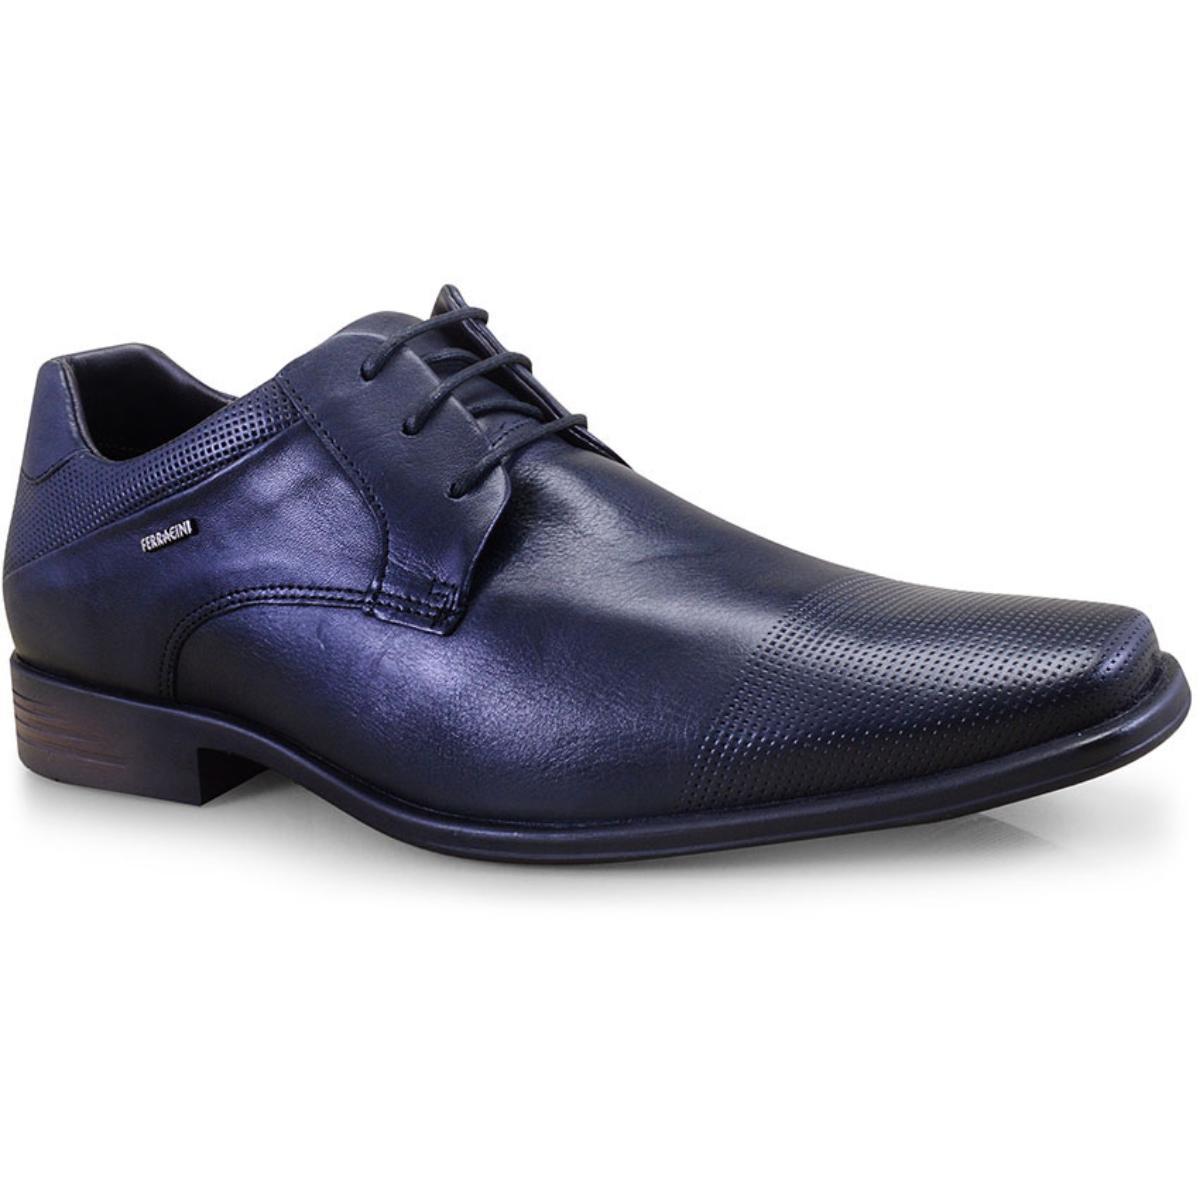 Sapato Masculino Ferracini 5047-549j Navy